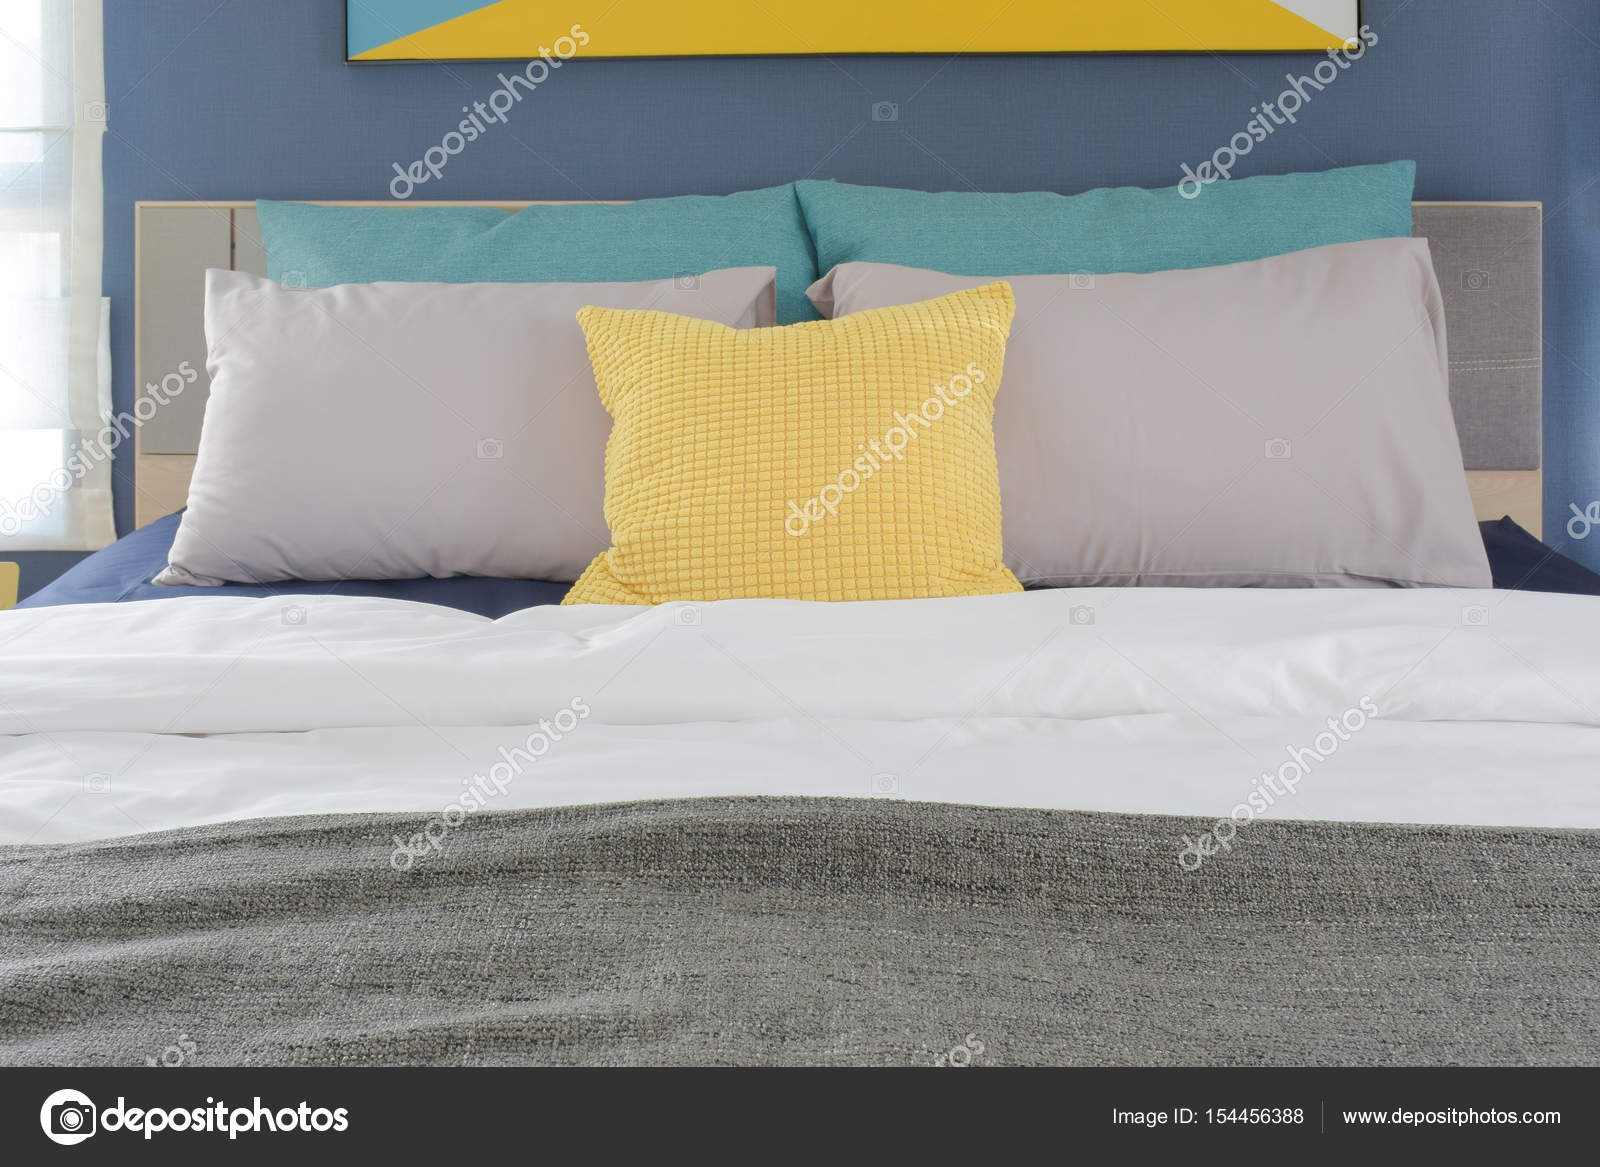 Piumino Letto Turchese : Cuscini di colore giallo grigio e turchese impostazione sul letto